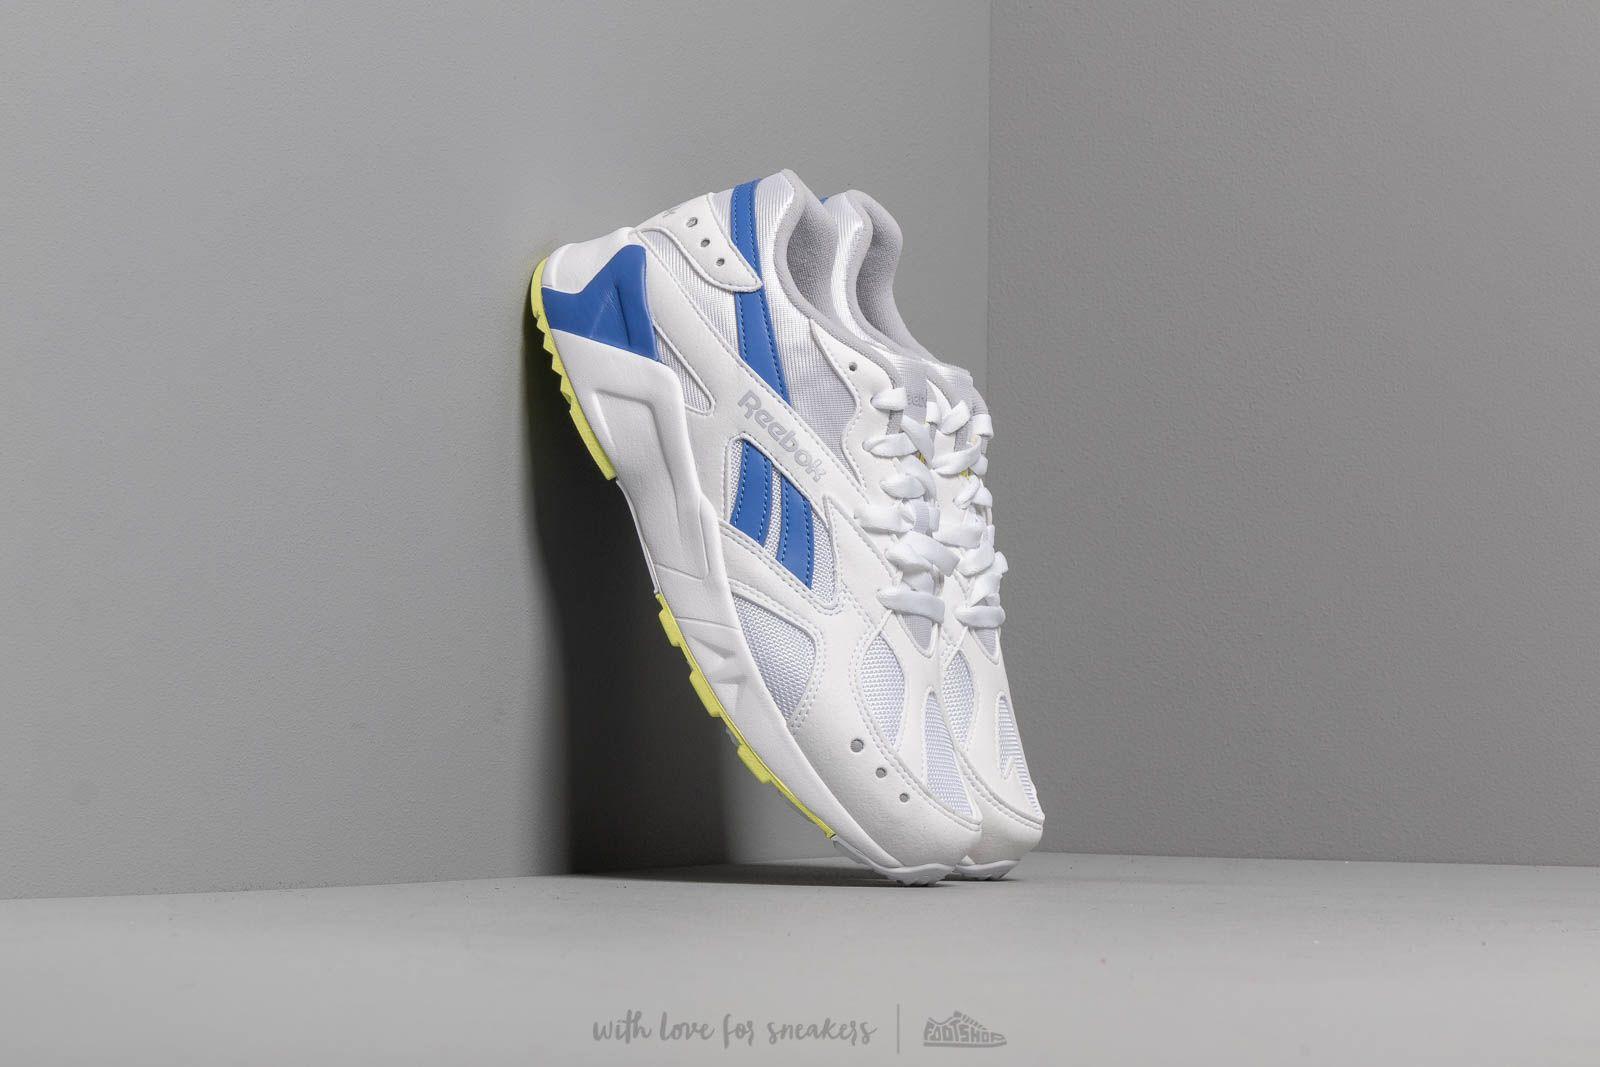 Reebok Aztrek White/ Cold Grey/ Cobalt/ Lime nagyszerű árakon 31 362 Ft vásárolj a Footshopban